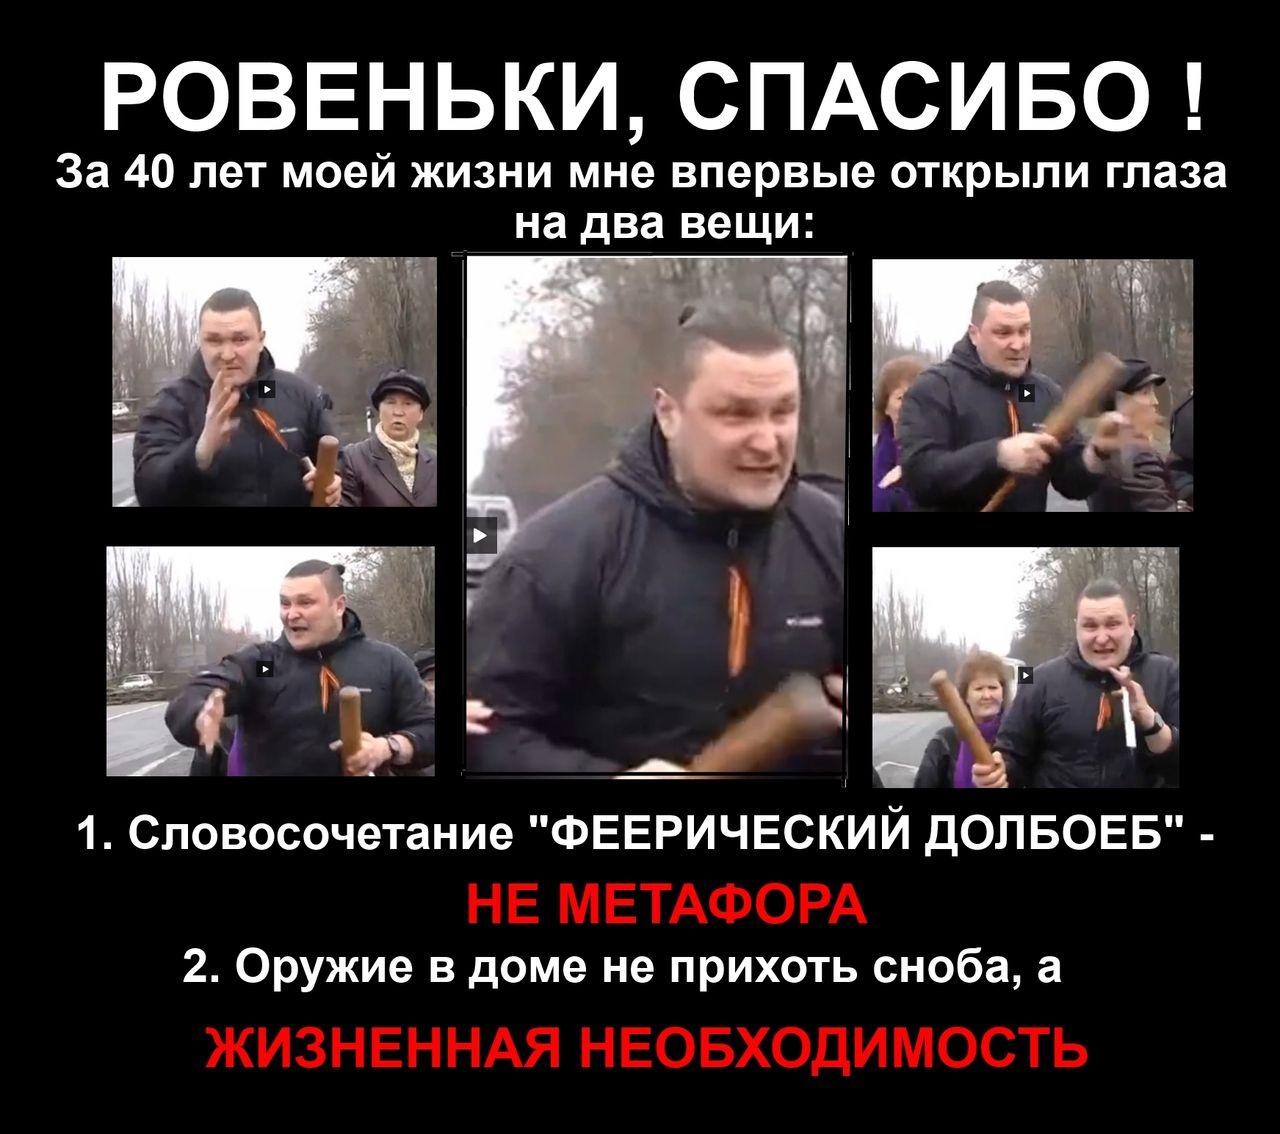 Свидетель убийства украинского офицера в Крыму освобожден из-под стражи, - Минобороны - Цензор.НЕТ 1379